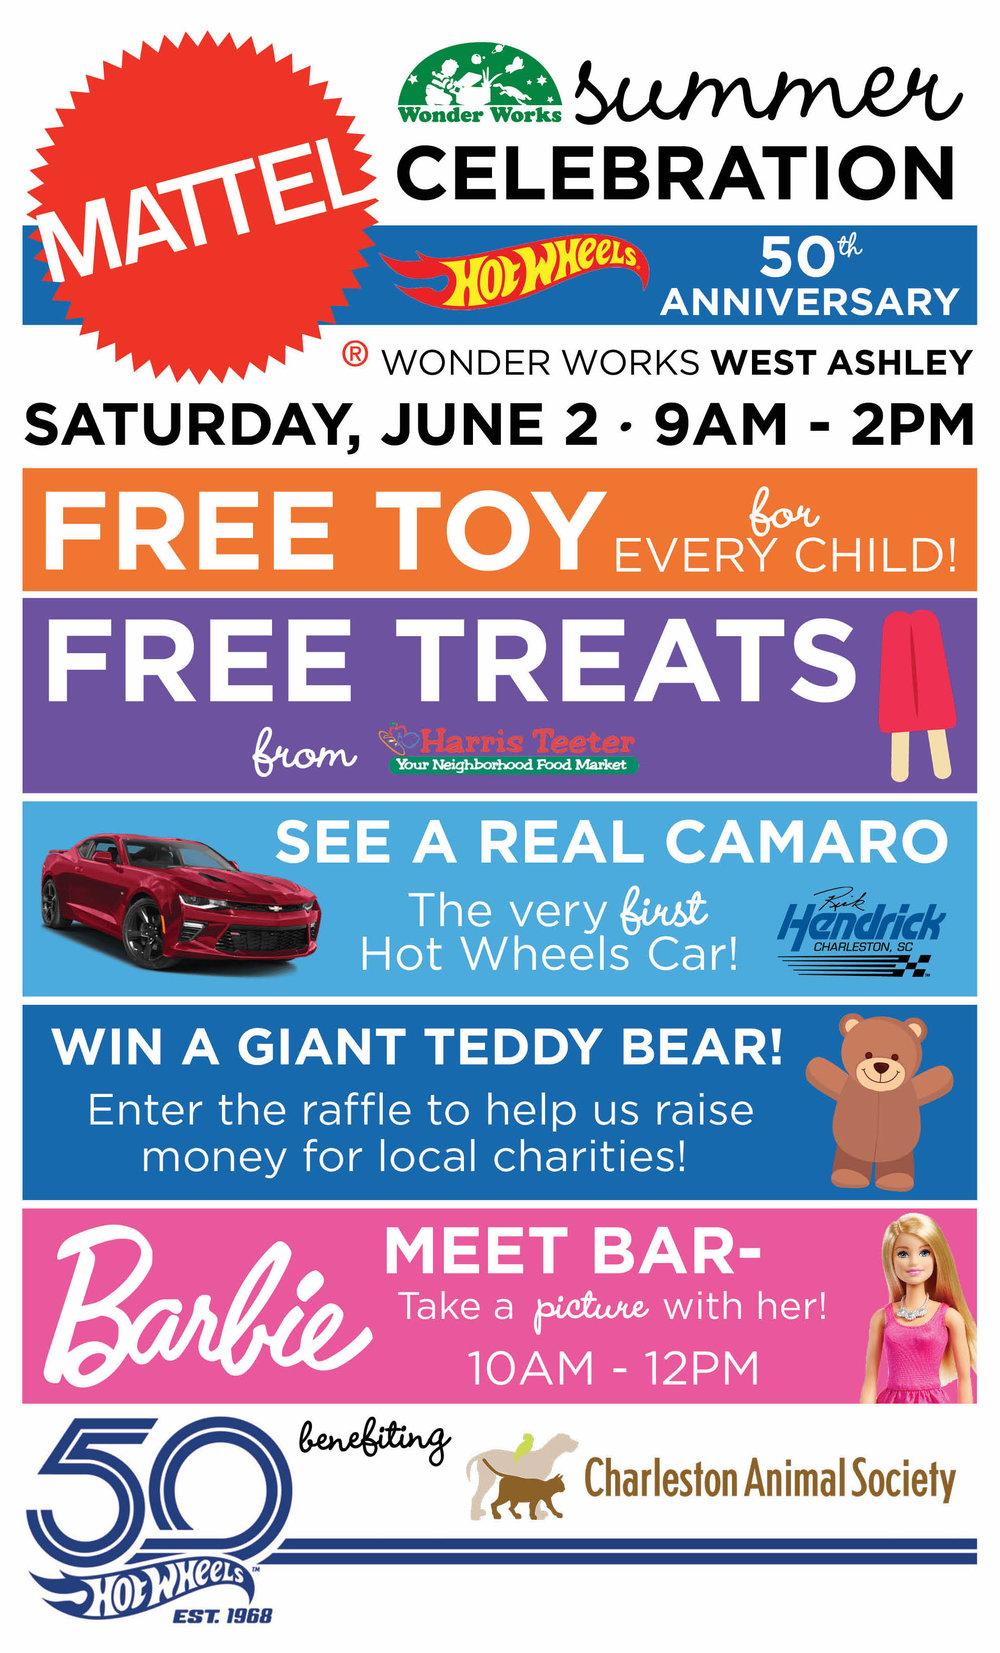 Mattel Summer Celebration at Wonder Works West Ashley.